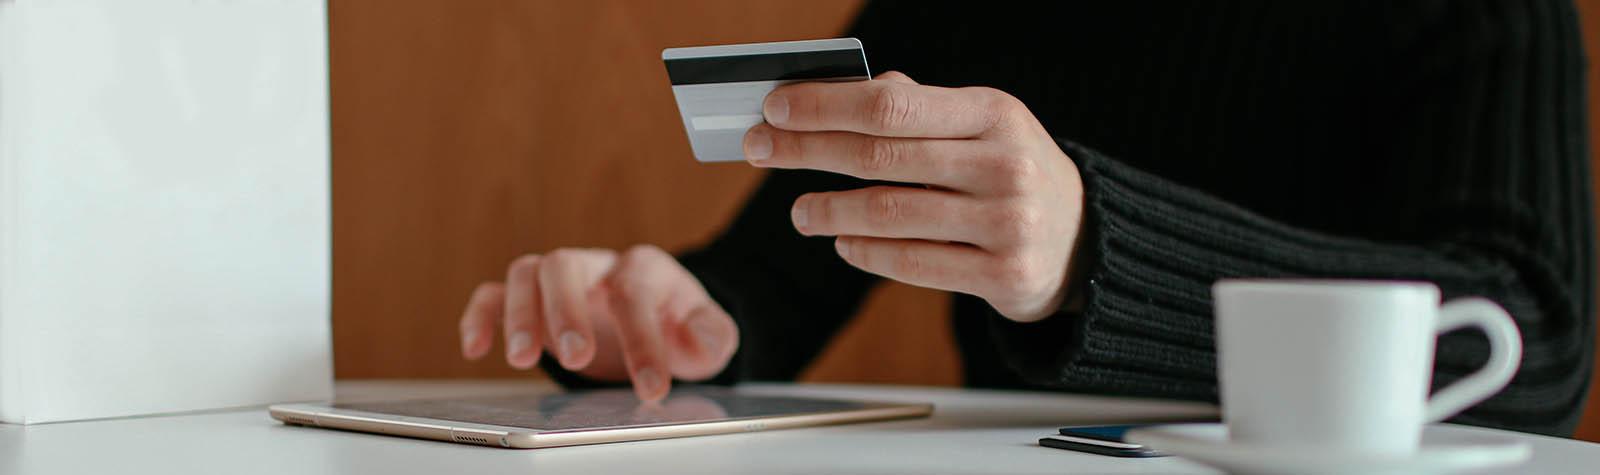 Een datalek bij cashbackdienst Scoupy, waar kan ik op letten?